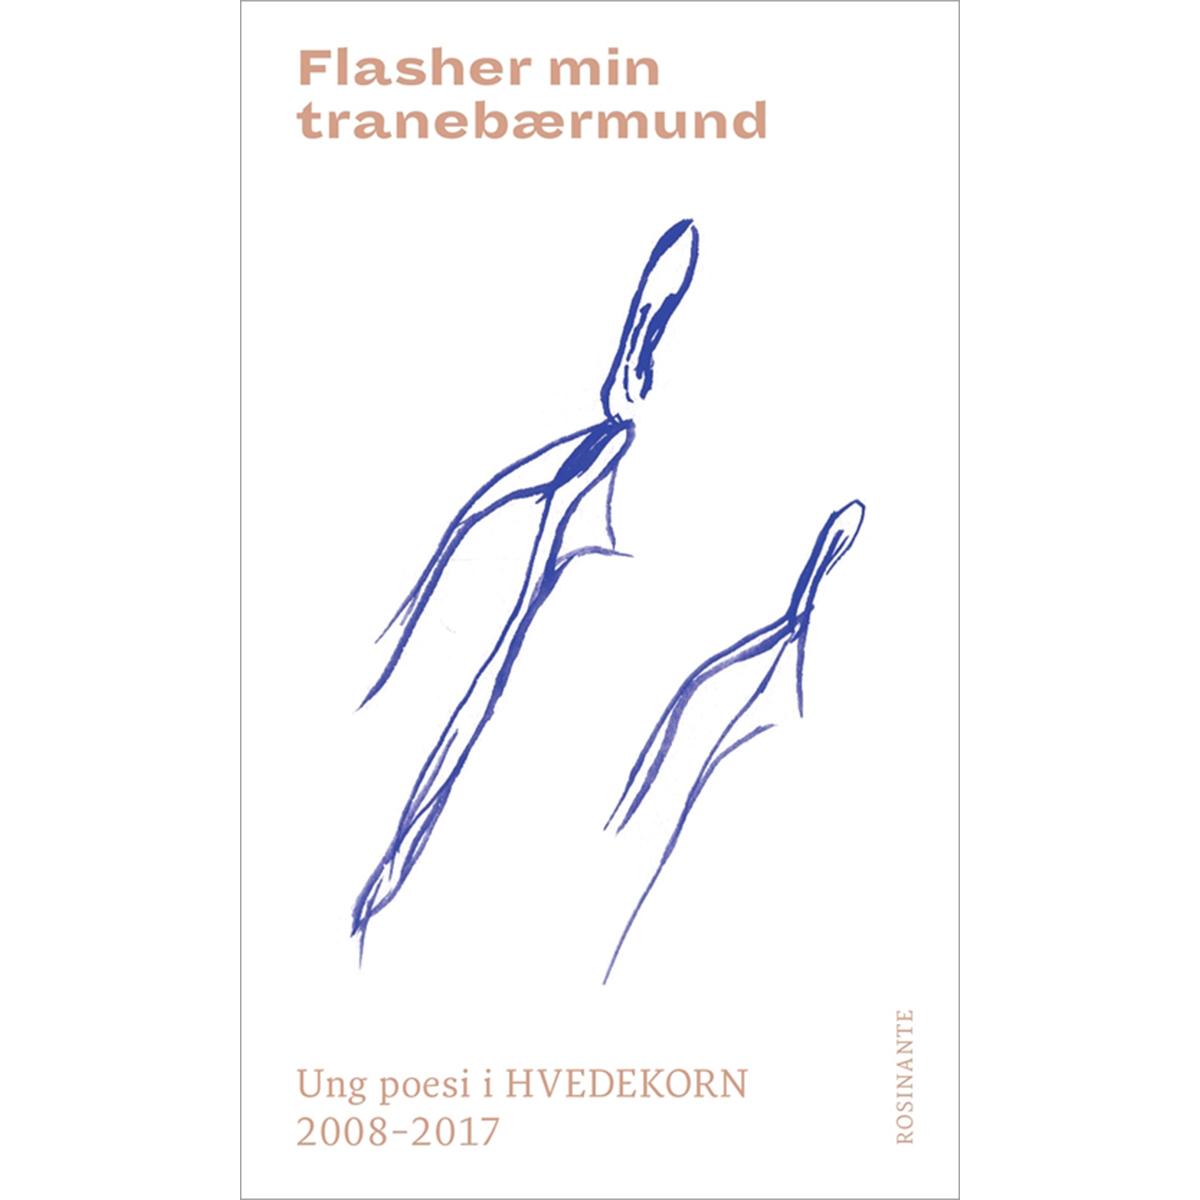 Image of   Flasher min tranebærmund - Ung poesi i Hvedekorn 2008-2017 - Hæftet